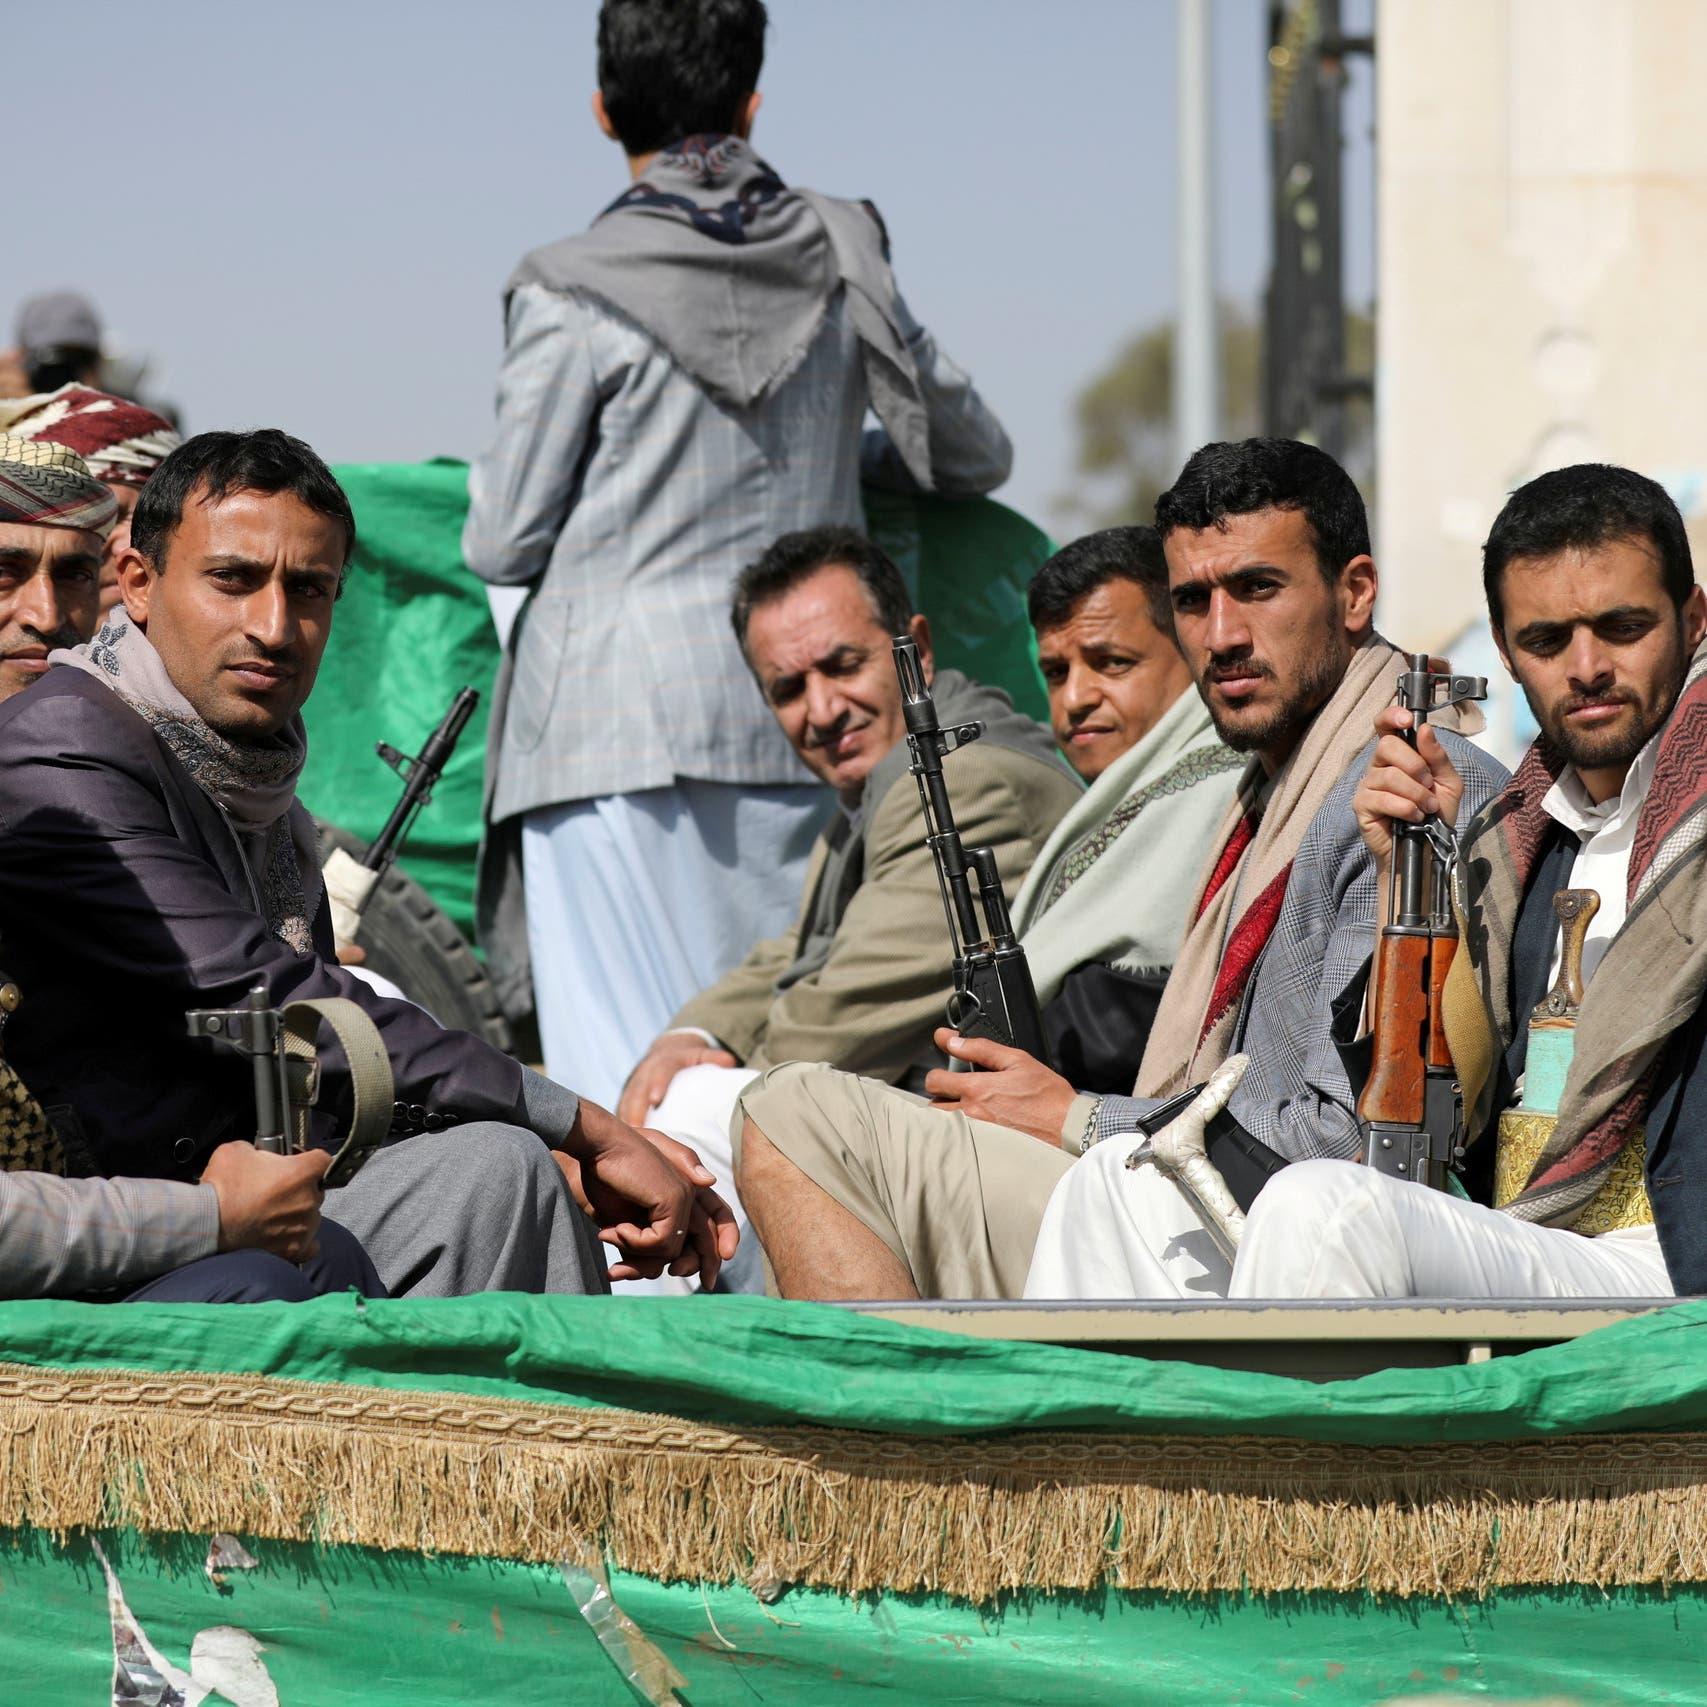 بنك يمني للحوثيين: سنواجه عقوبات دولية لو رضخنا لقراراتكم